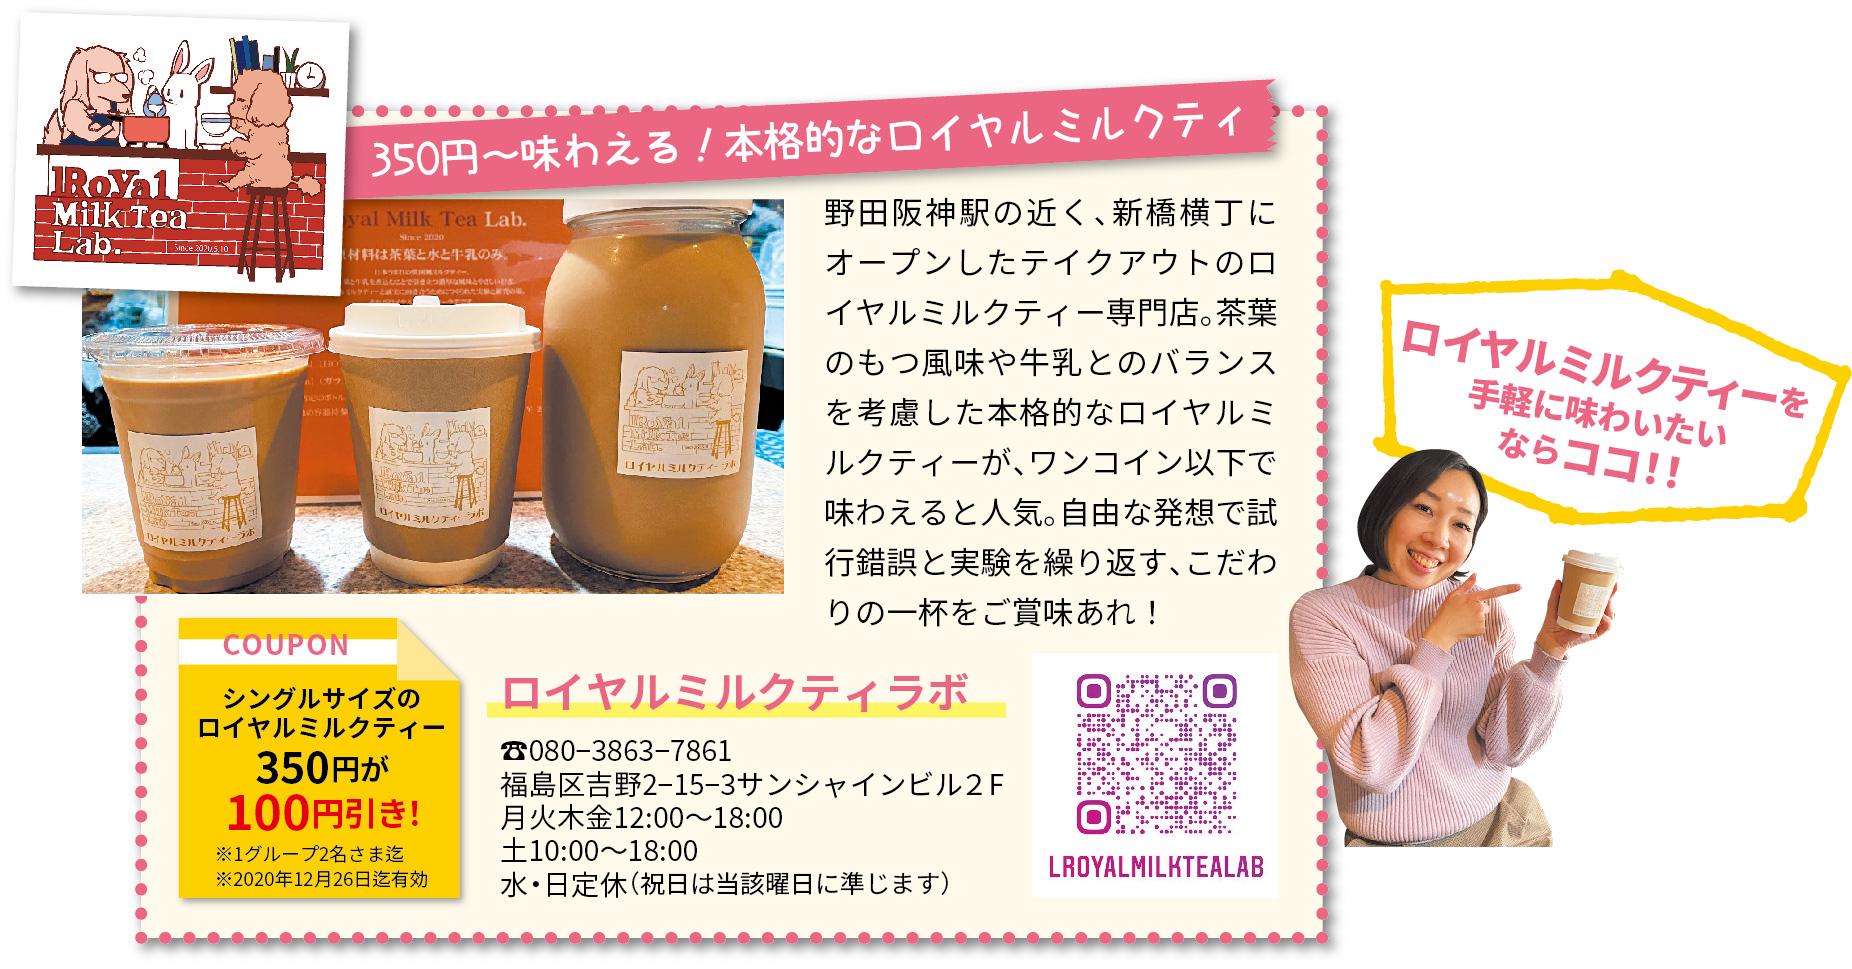 ロイヤルミルクティラボ 野田阪神